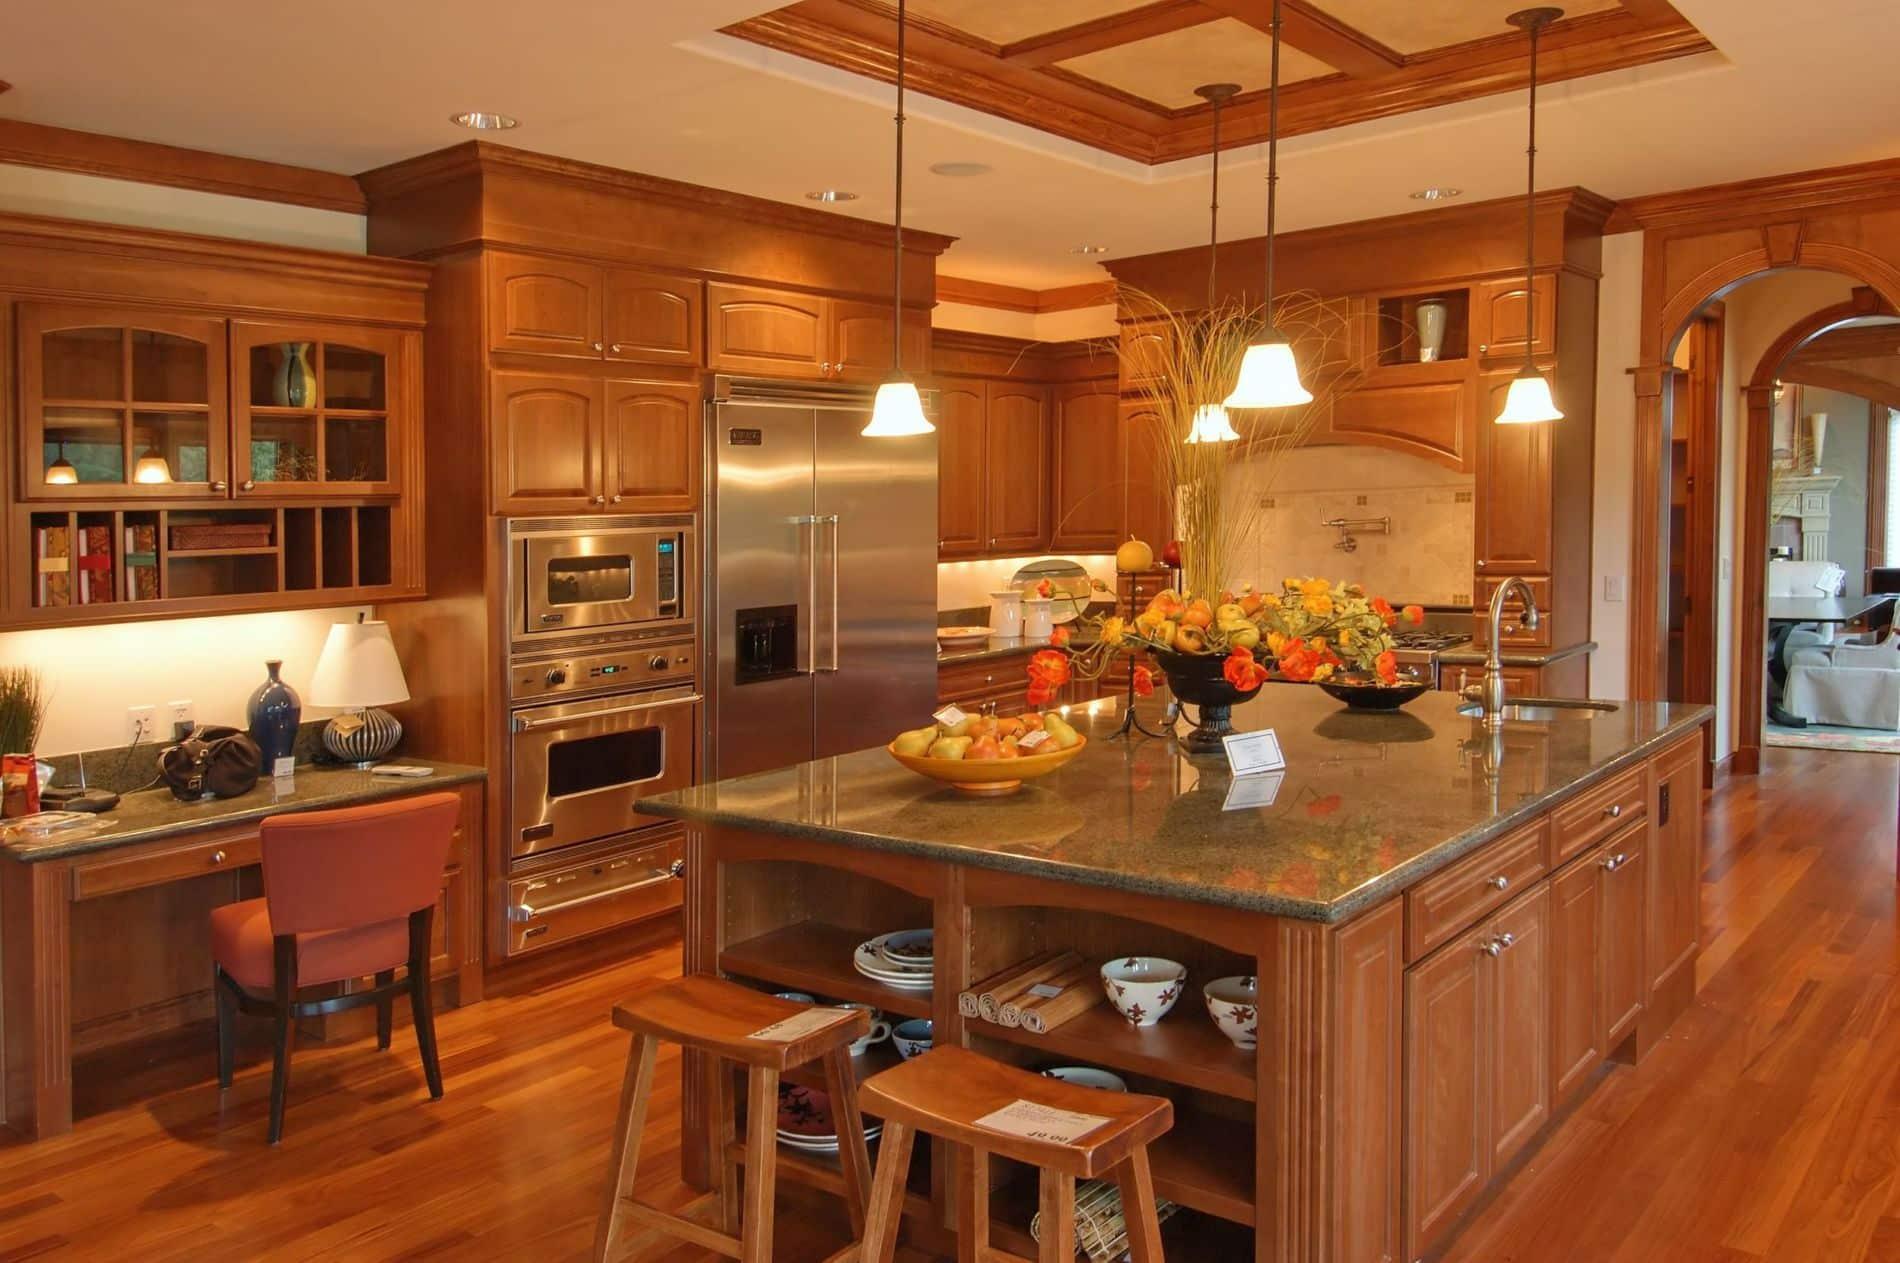 מטבח קלאסי איכותי ברמה מושלמת מעץ